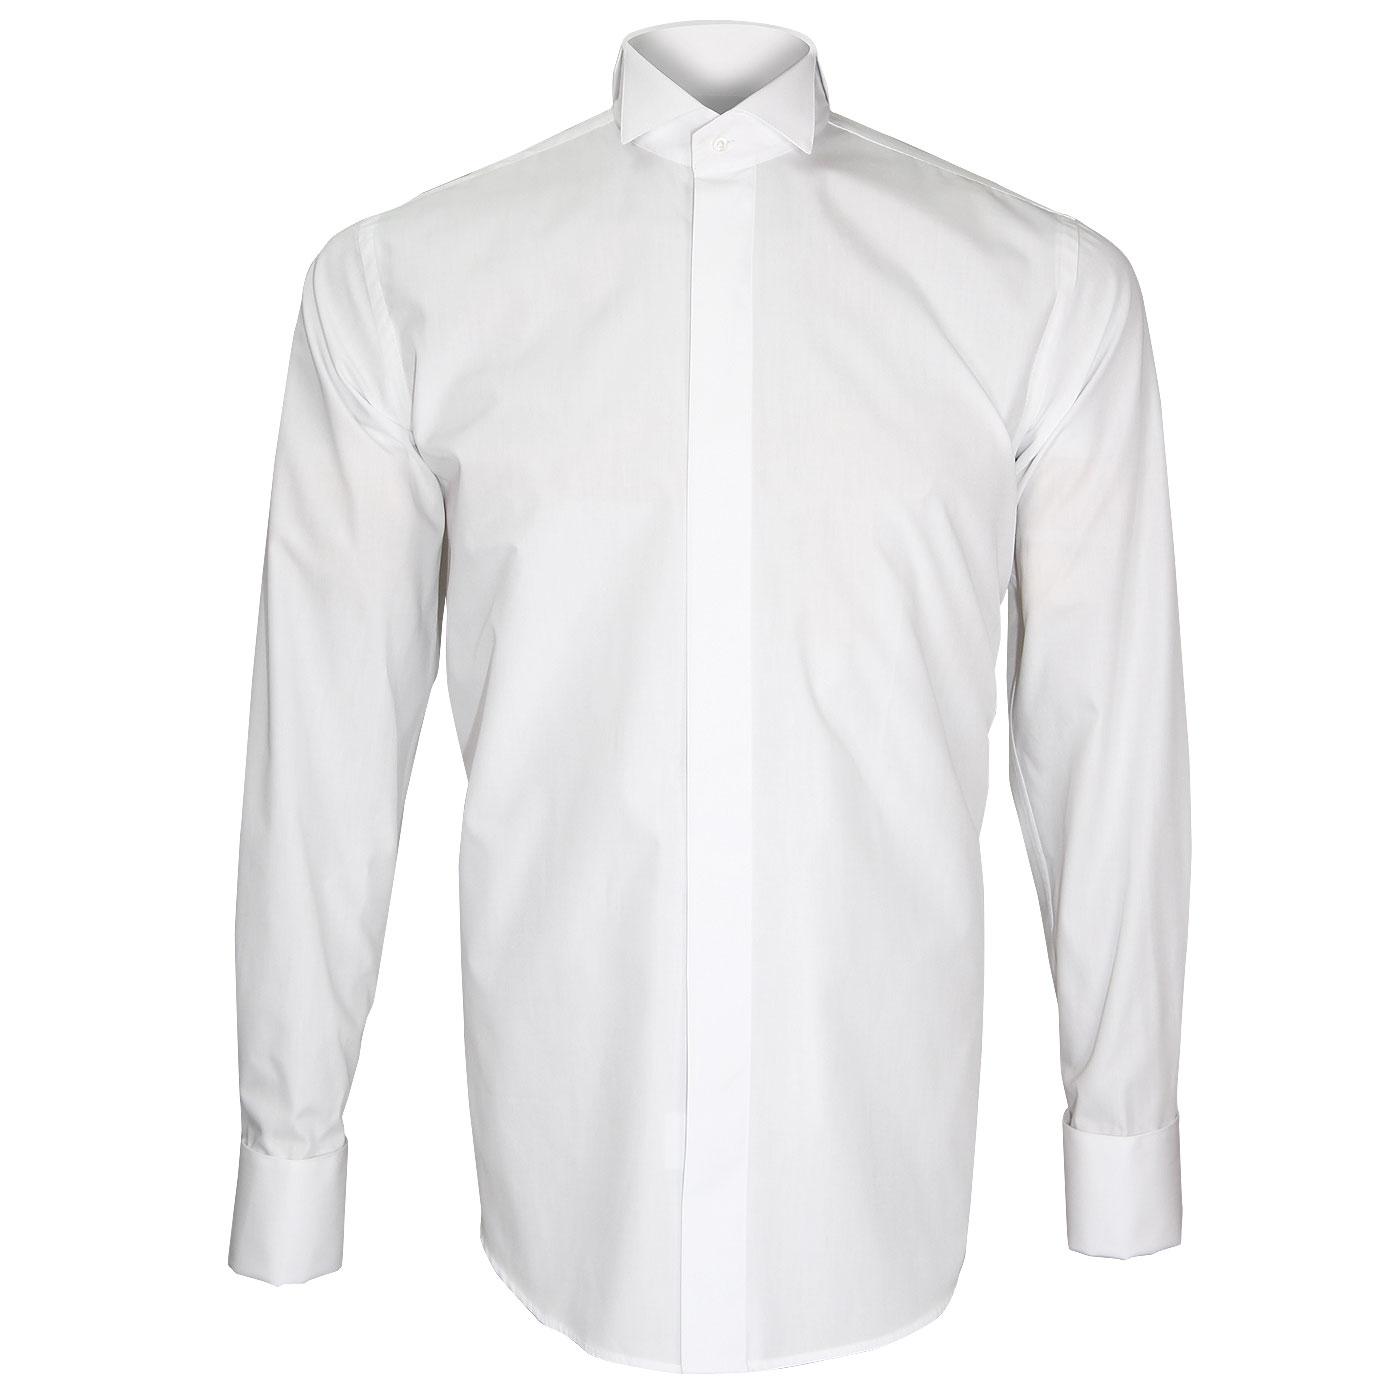 chemise blanche 800 mod les droite ou cintr e livr en 48h. Black Bedroom Furniture Sets. Home Design Ideas